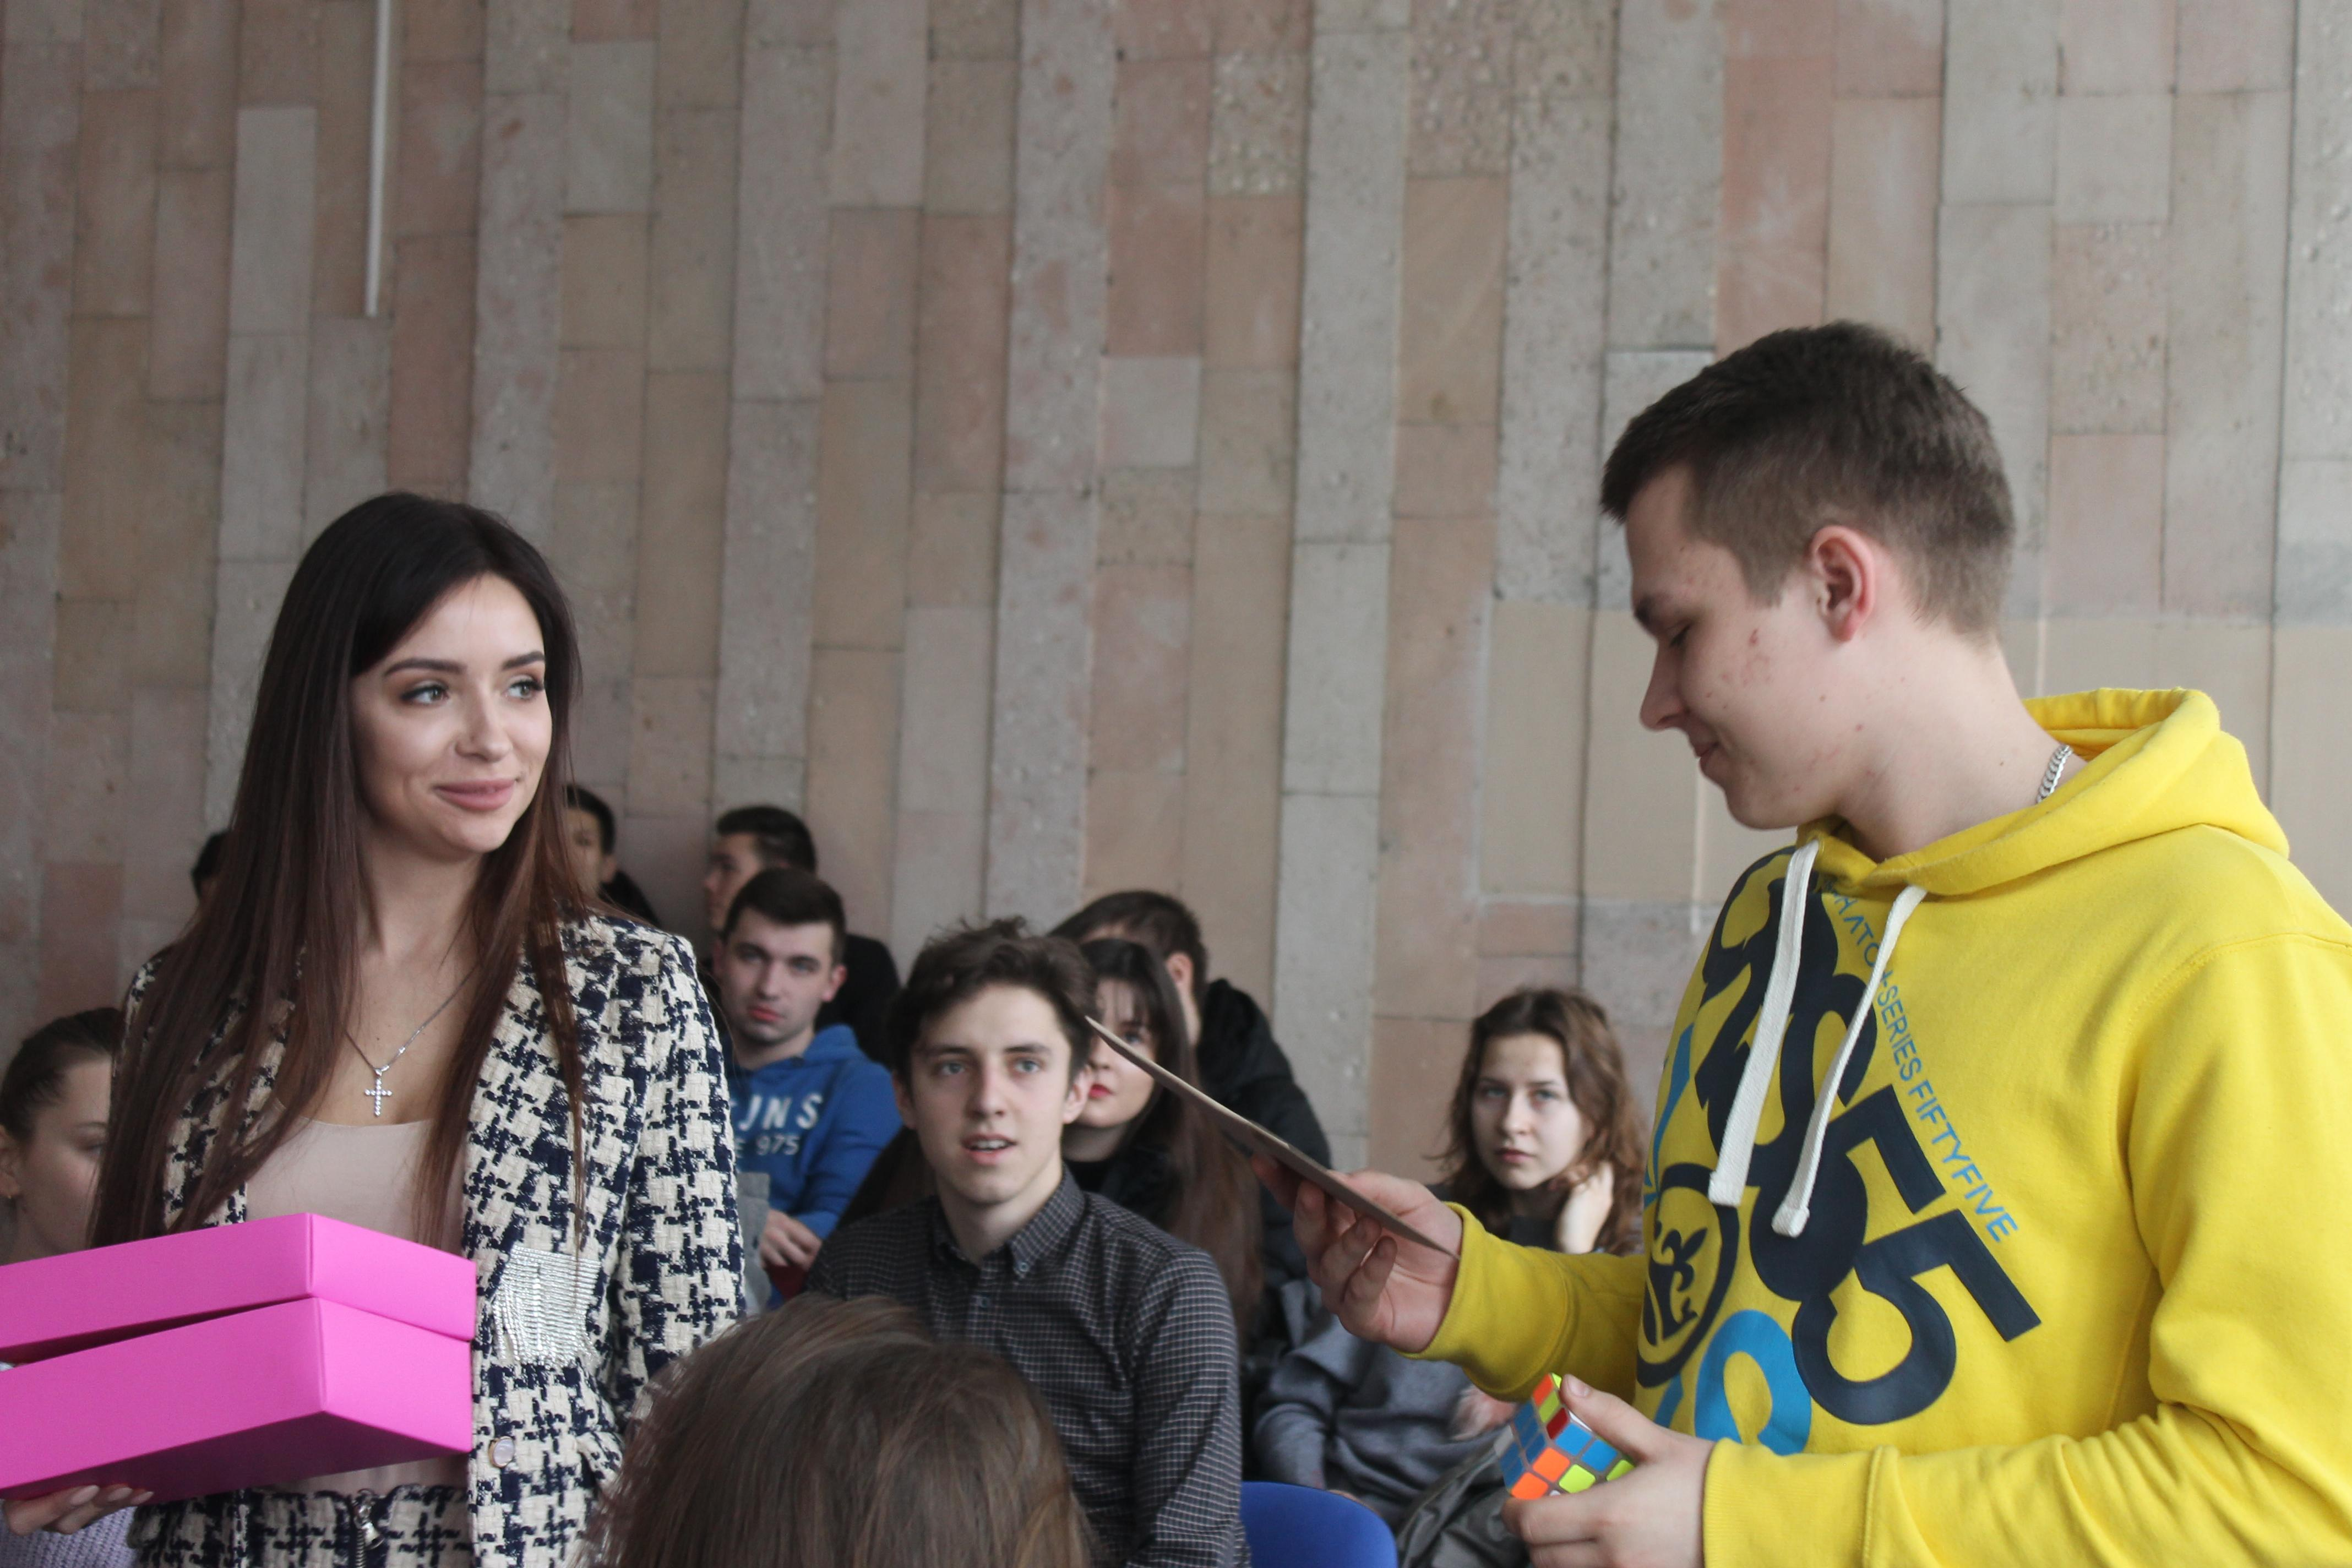 (Українська) Факультет міжнародних відносин відвідали громадська активістка Анастасія Герман та відома київська інстаграм — блогерка, Надін Медведчук